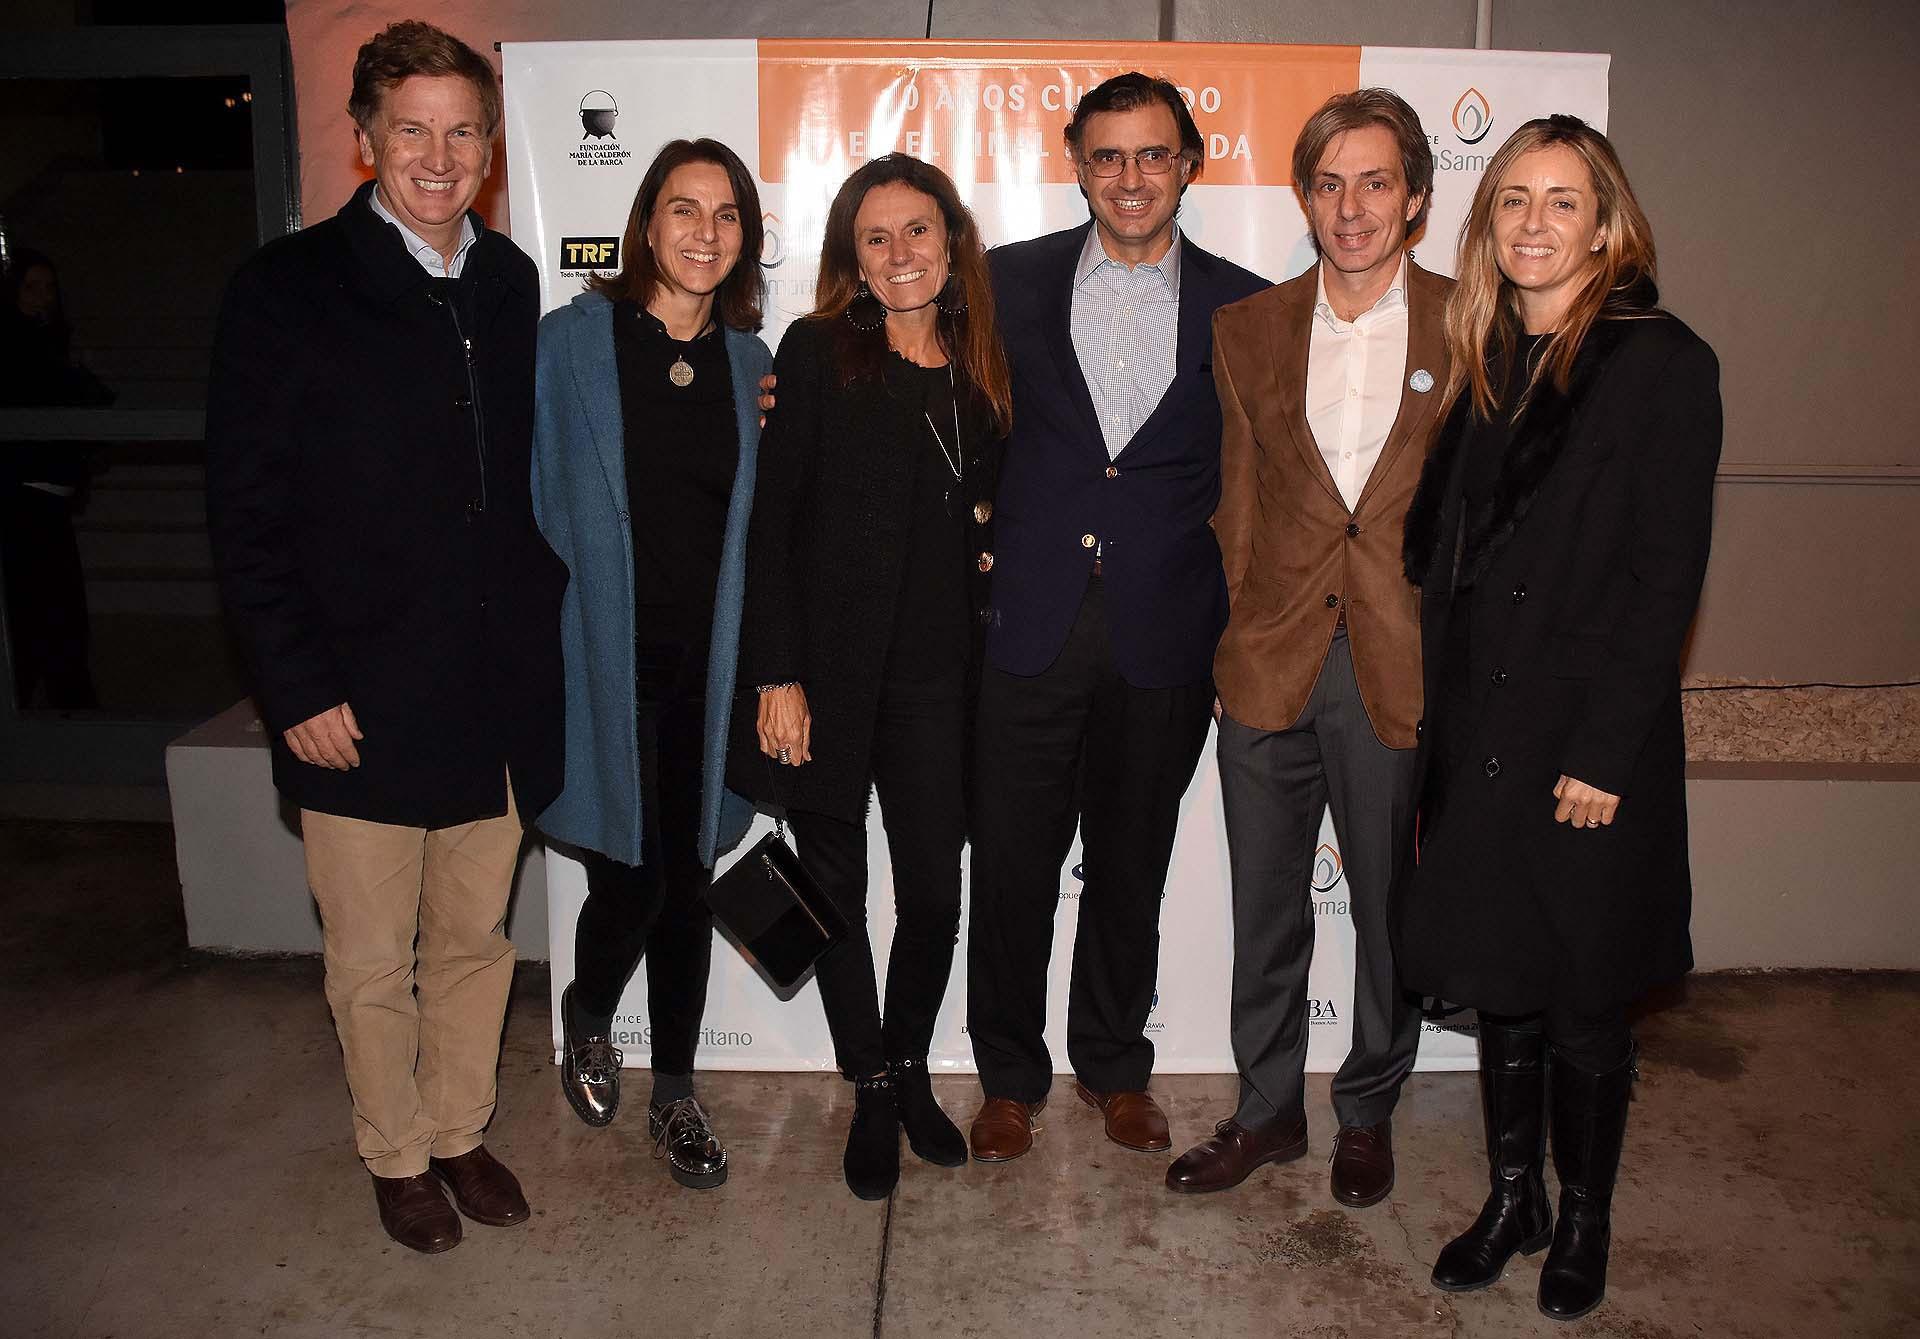 Carlos Galmarini, Diego Botana y Juan Manuel Llapur acompañados por sus mujeres